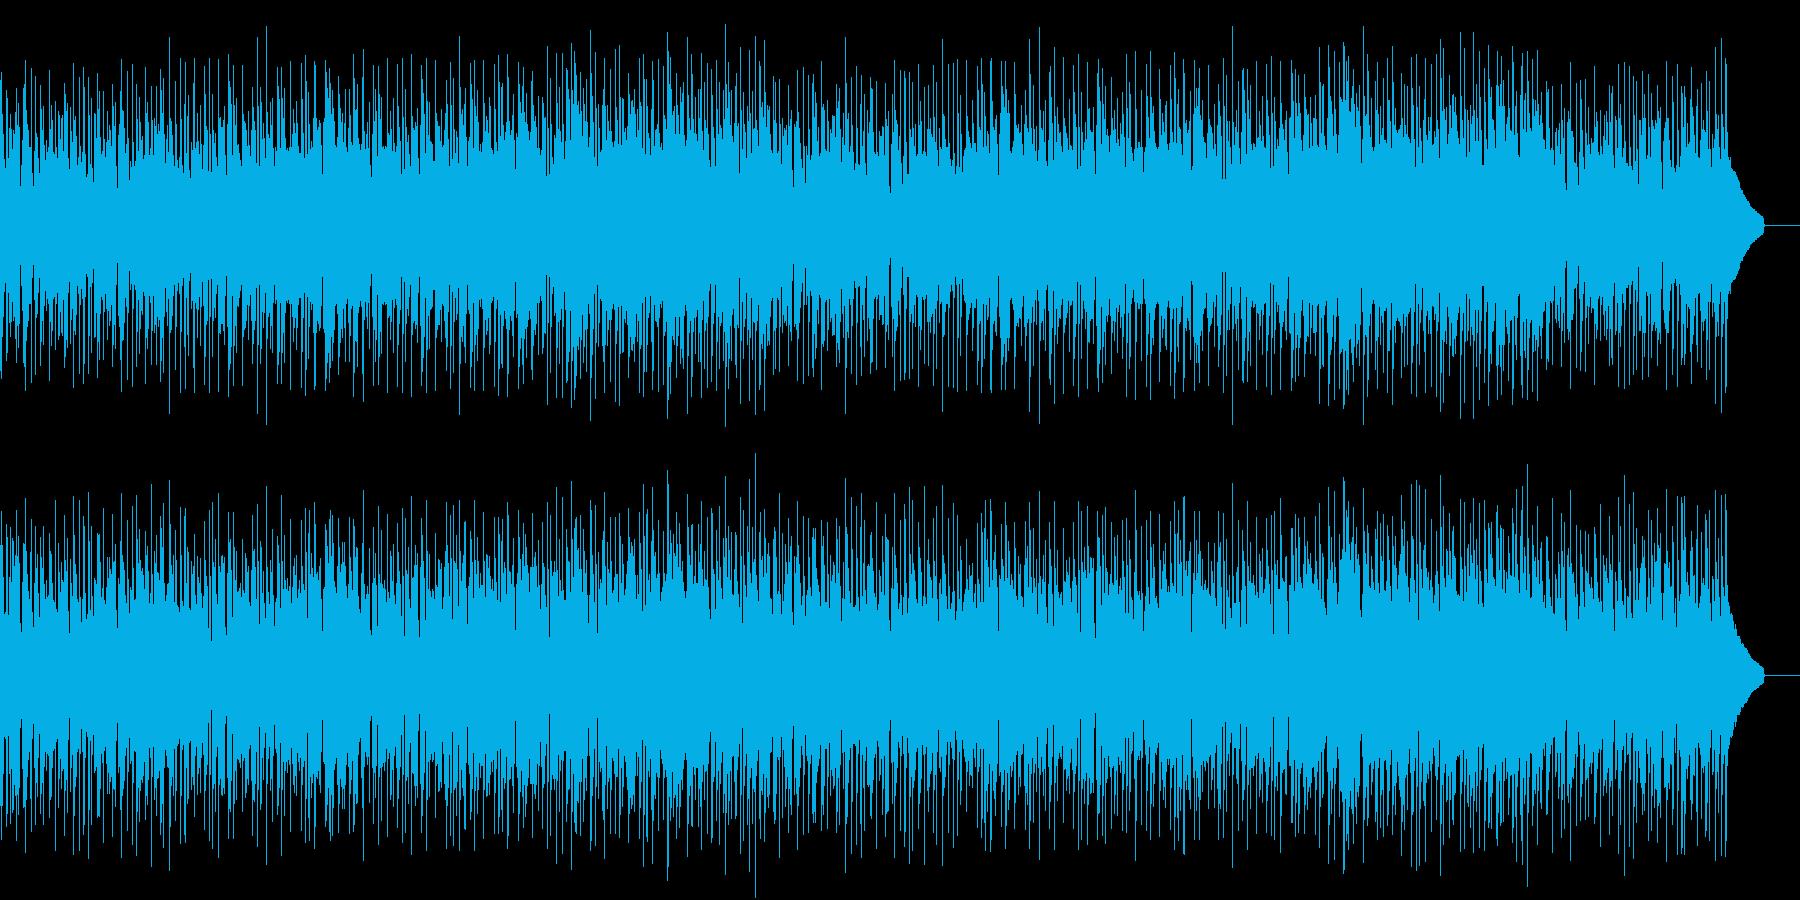 ポップで明るい/気持ちが弾むようなBGMの再生済みの波形